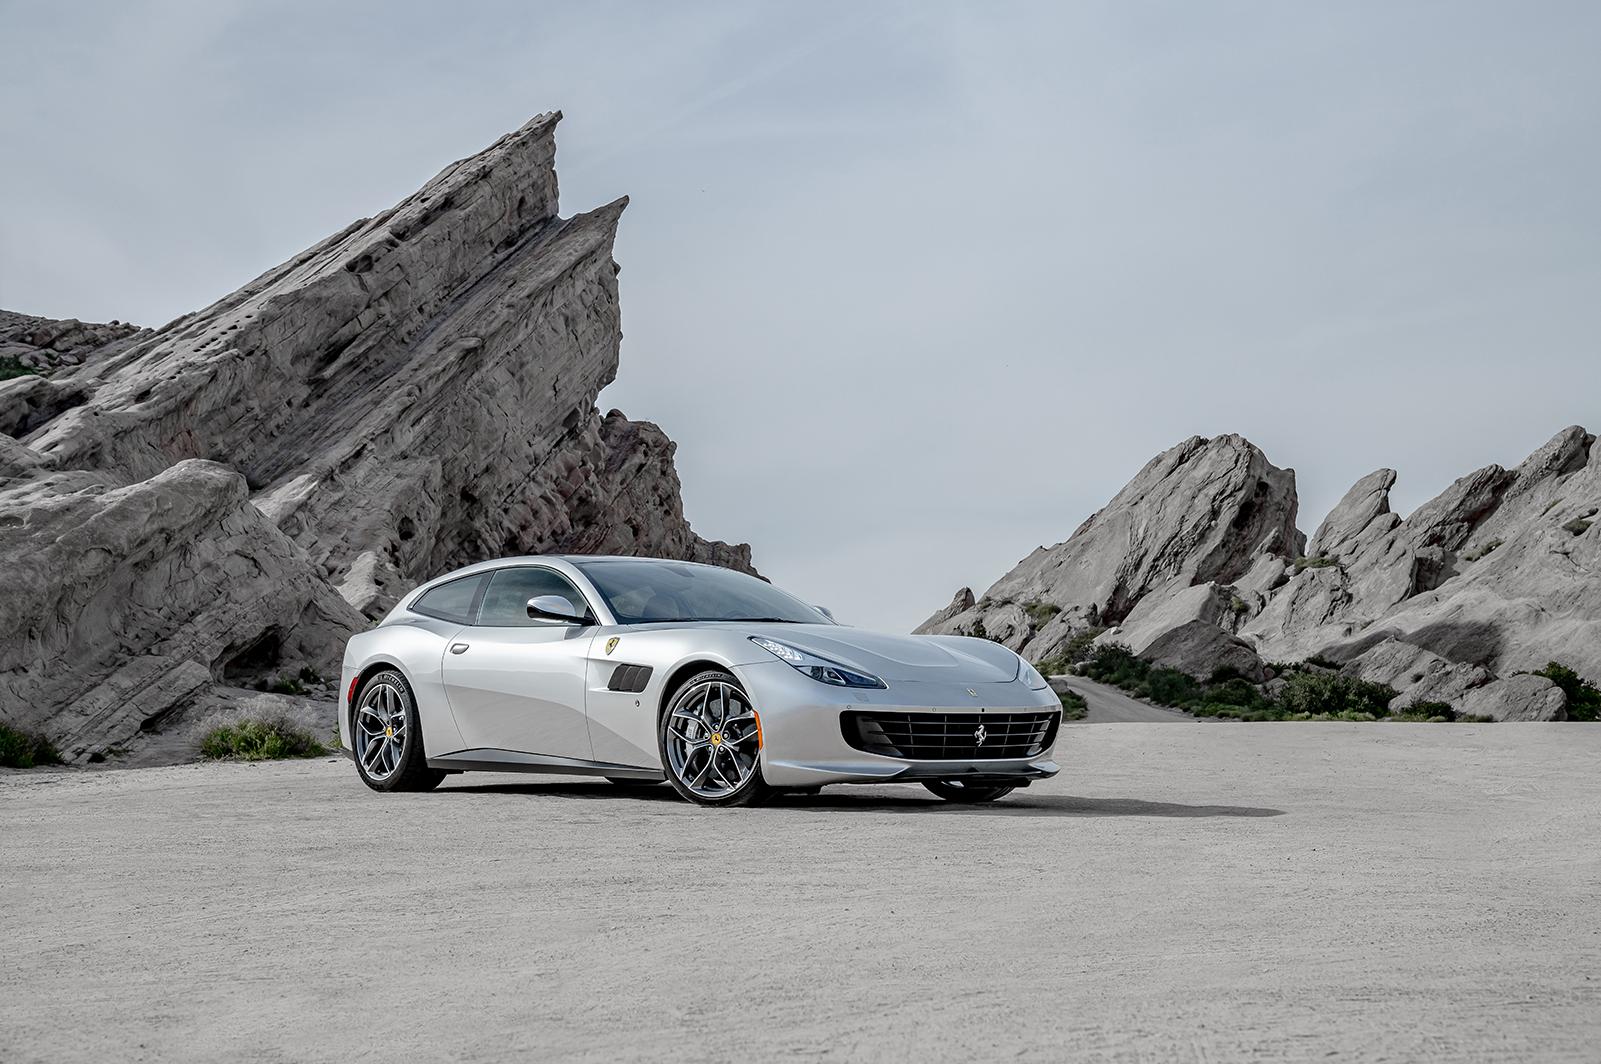 Ferrari_GTC4LussoT_014R.jpg